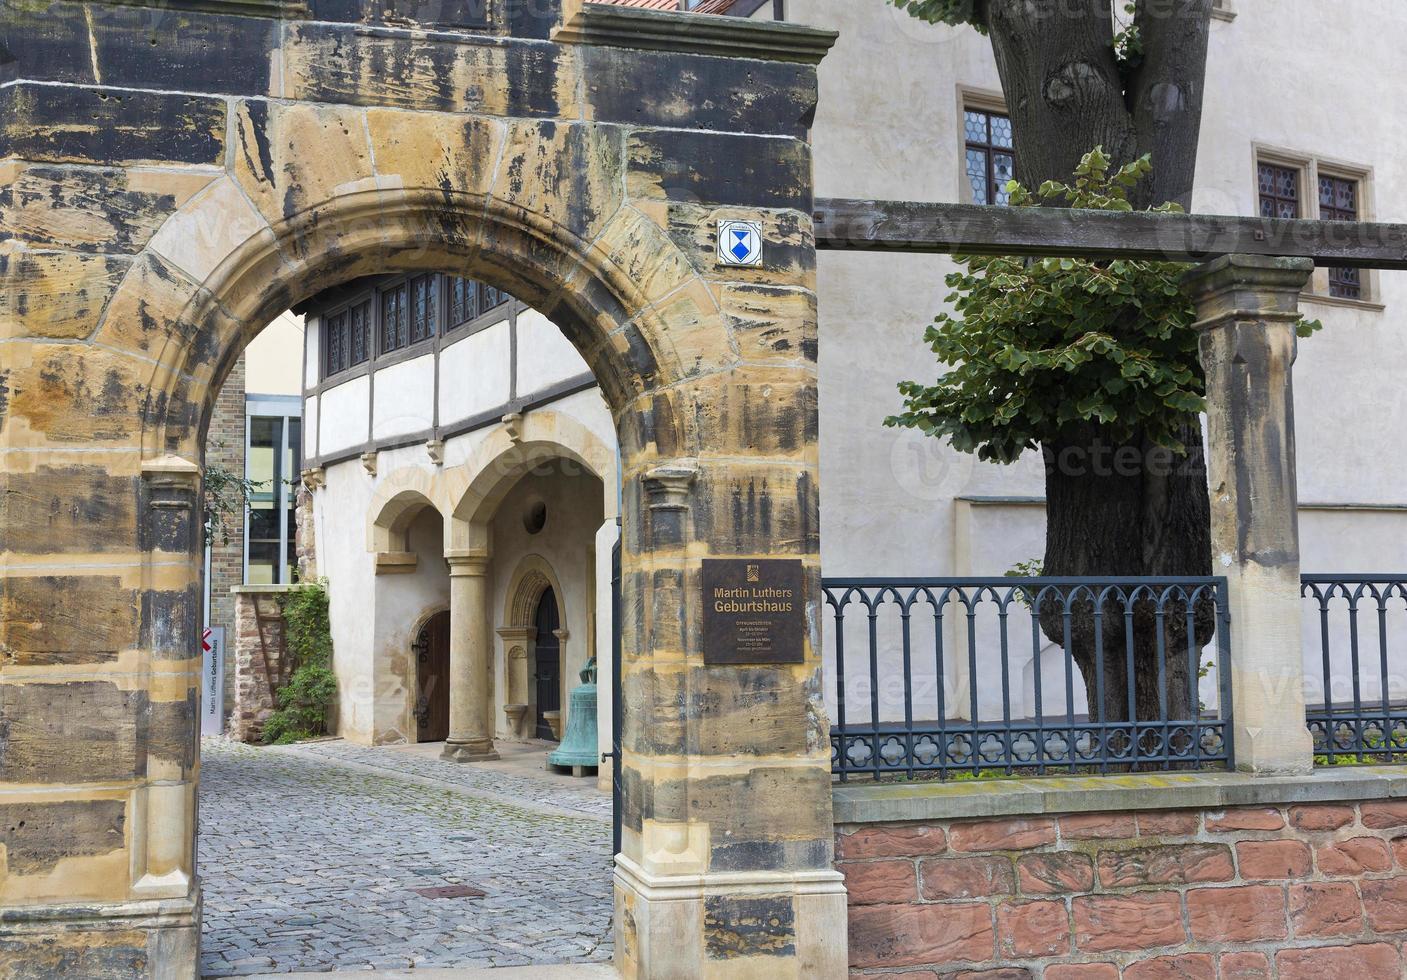 museu local de nascimento de martin luther foto